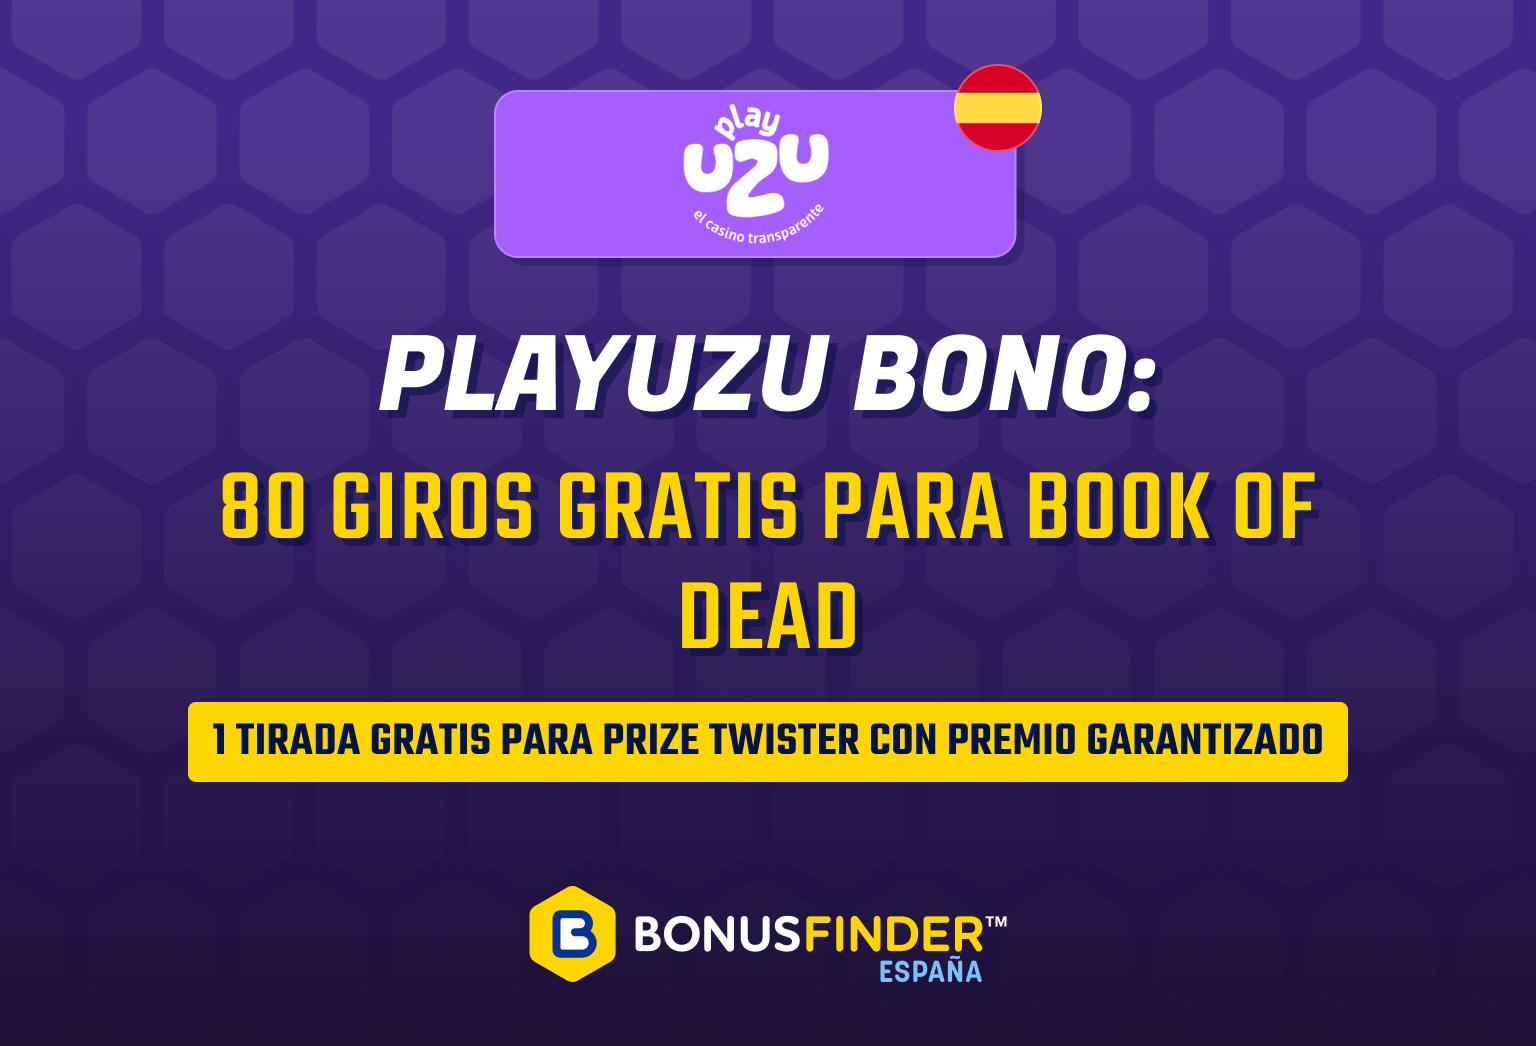 PlayUZU bono